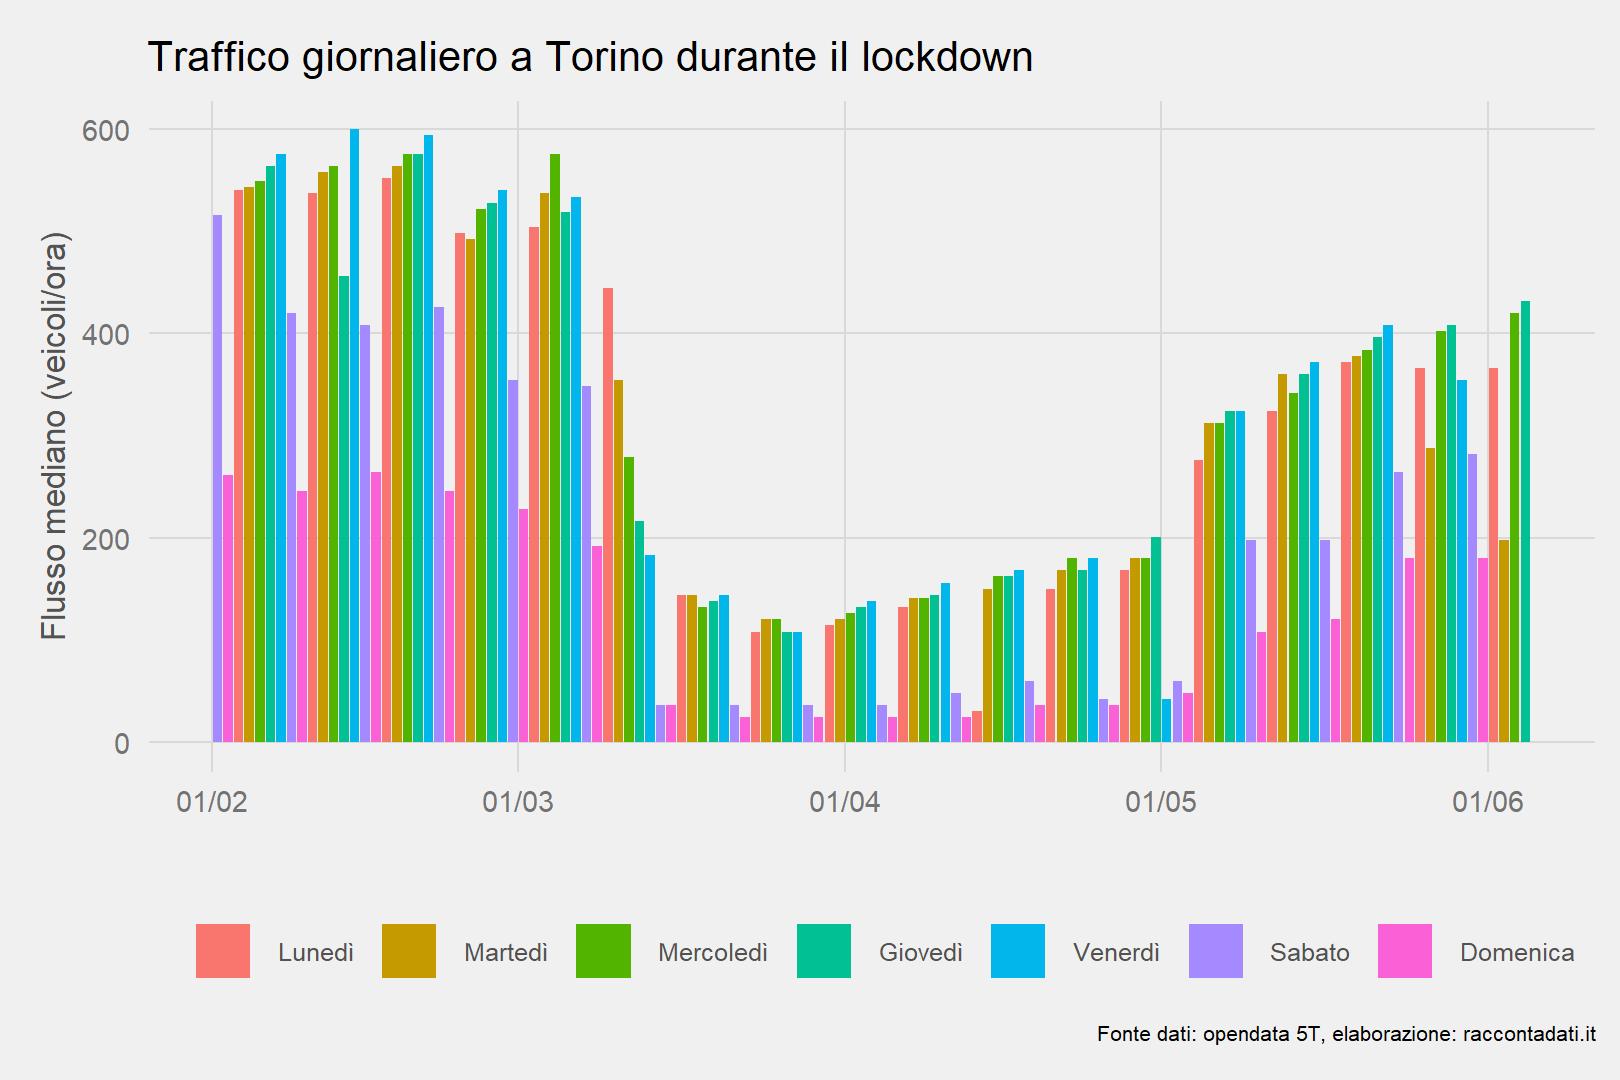 Traffico giornaliero a Torino durante il lockdown